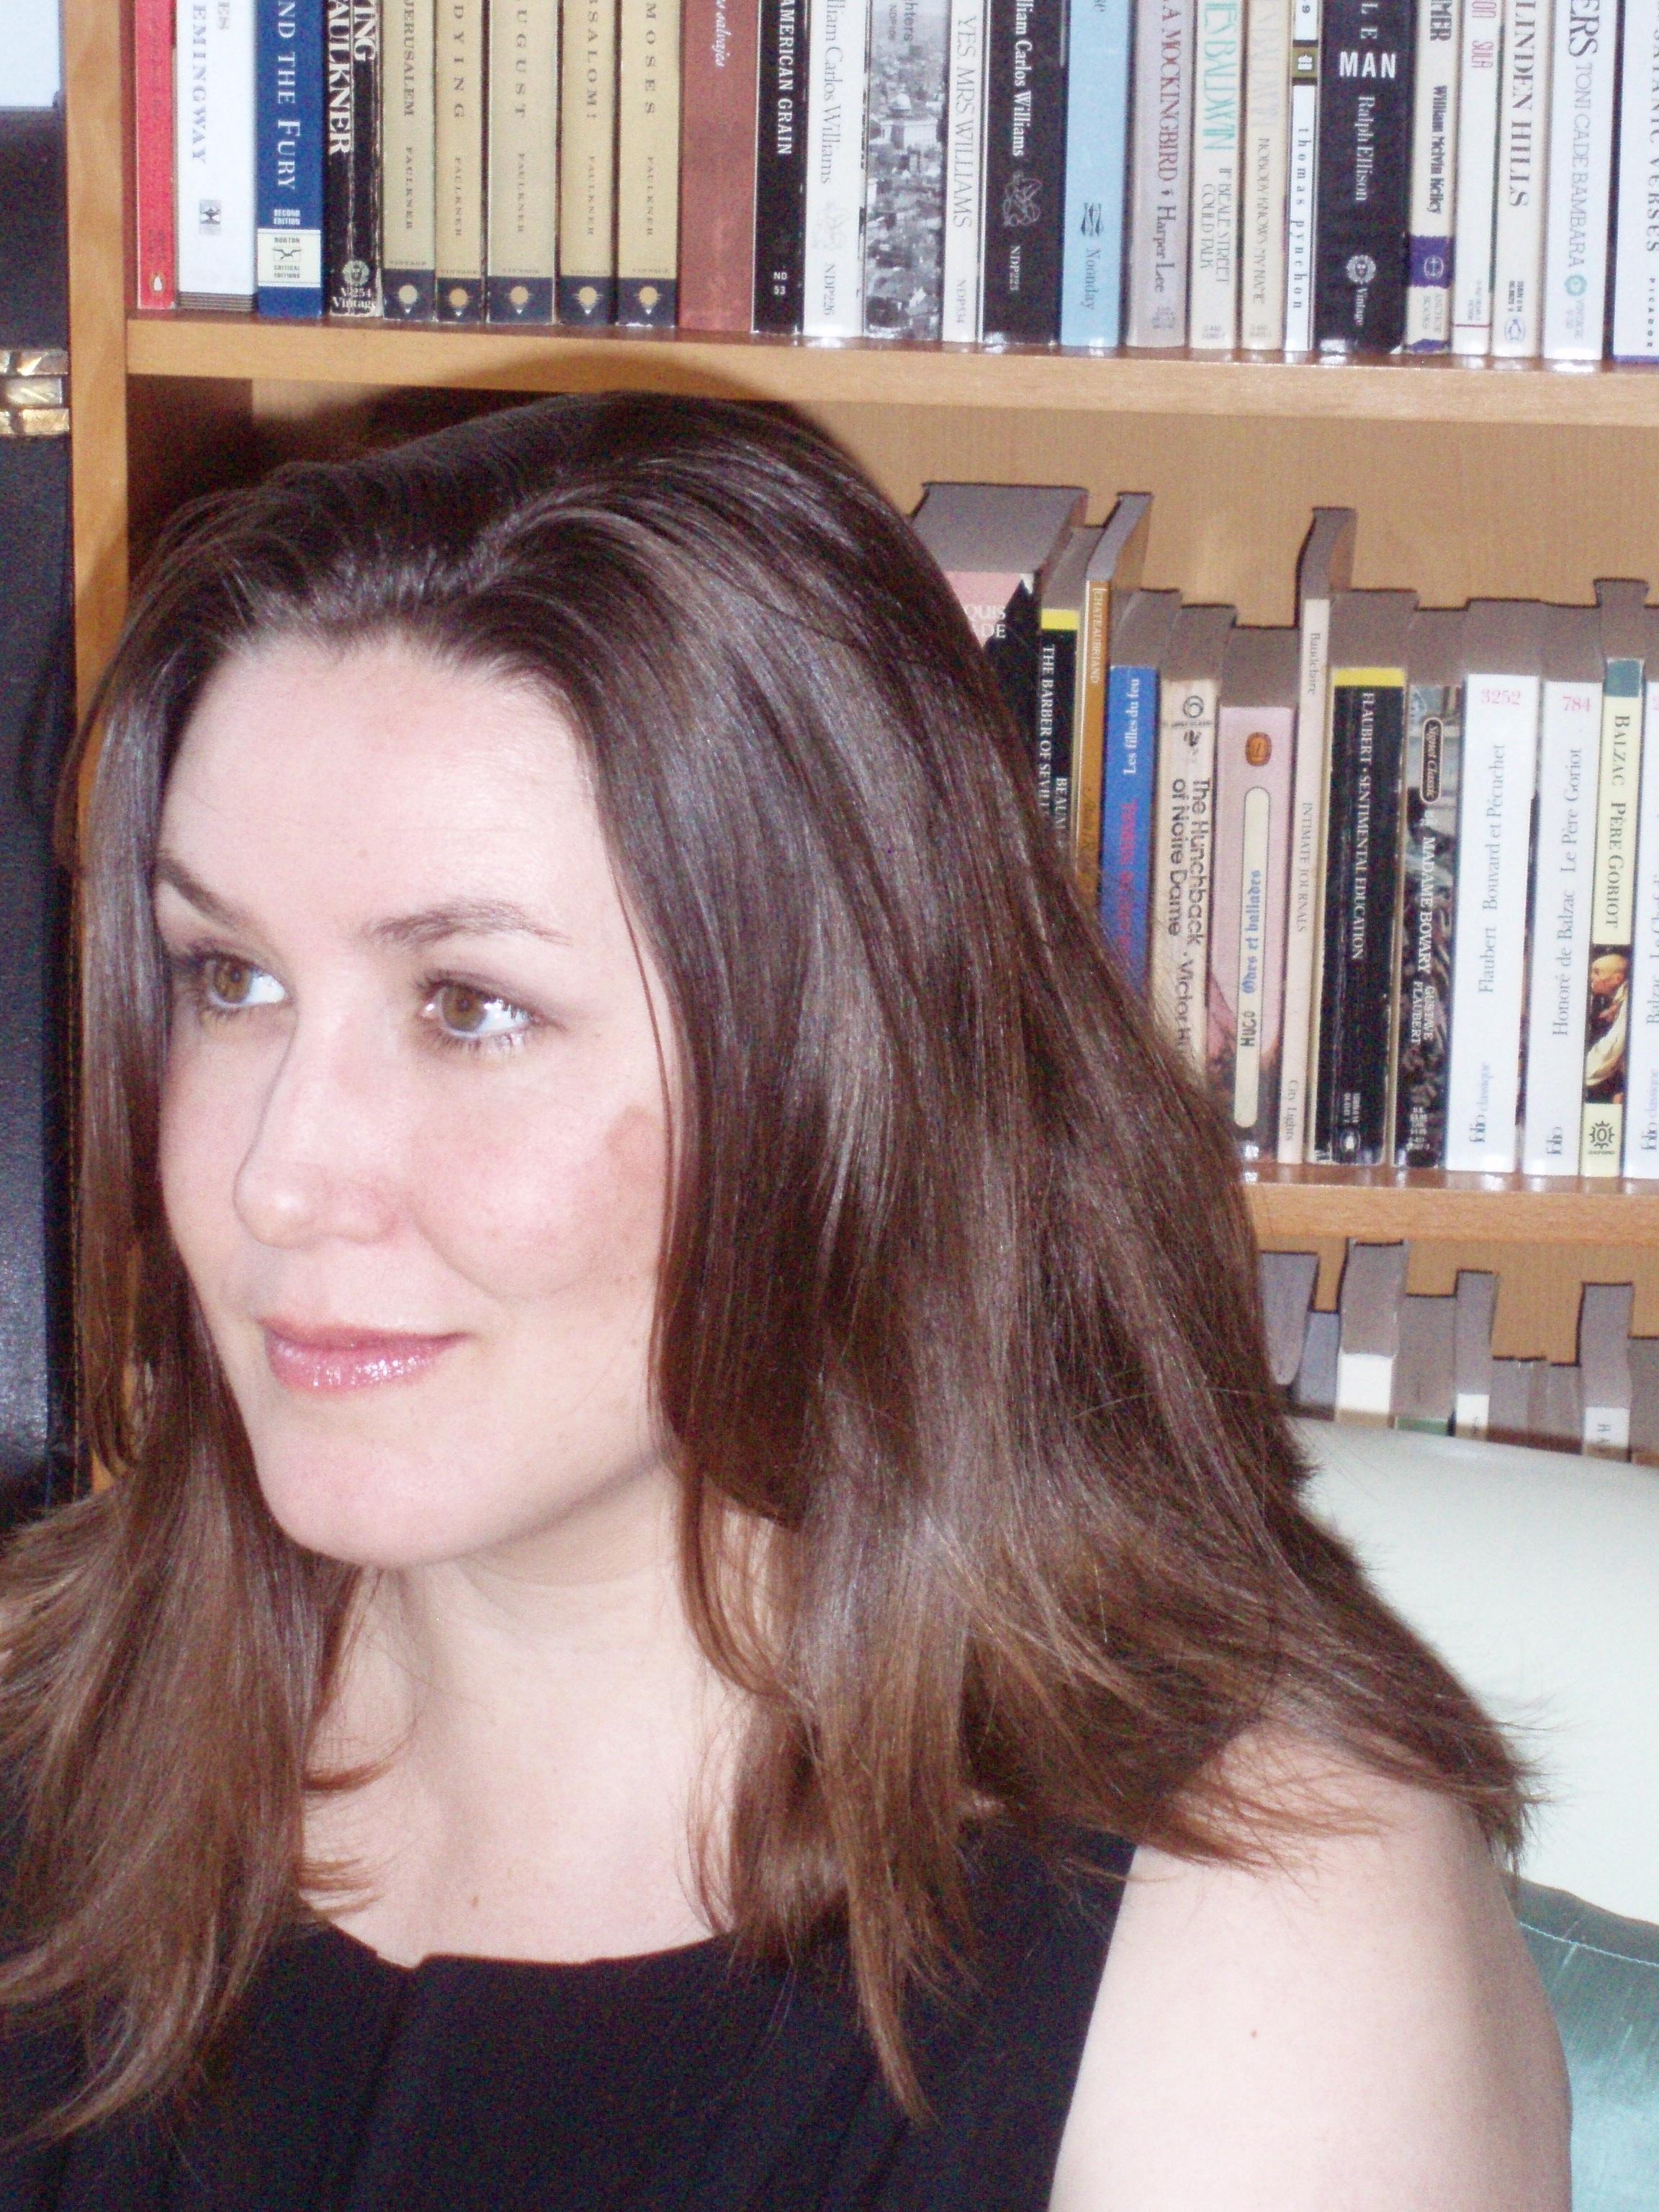 Karen Elizabeth Bishop Rutgers University